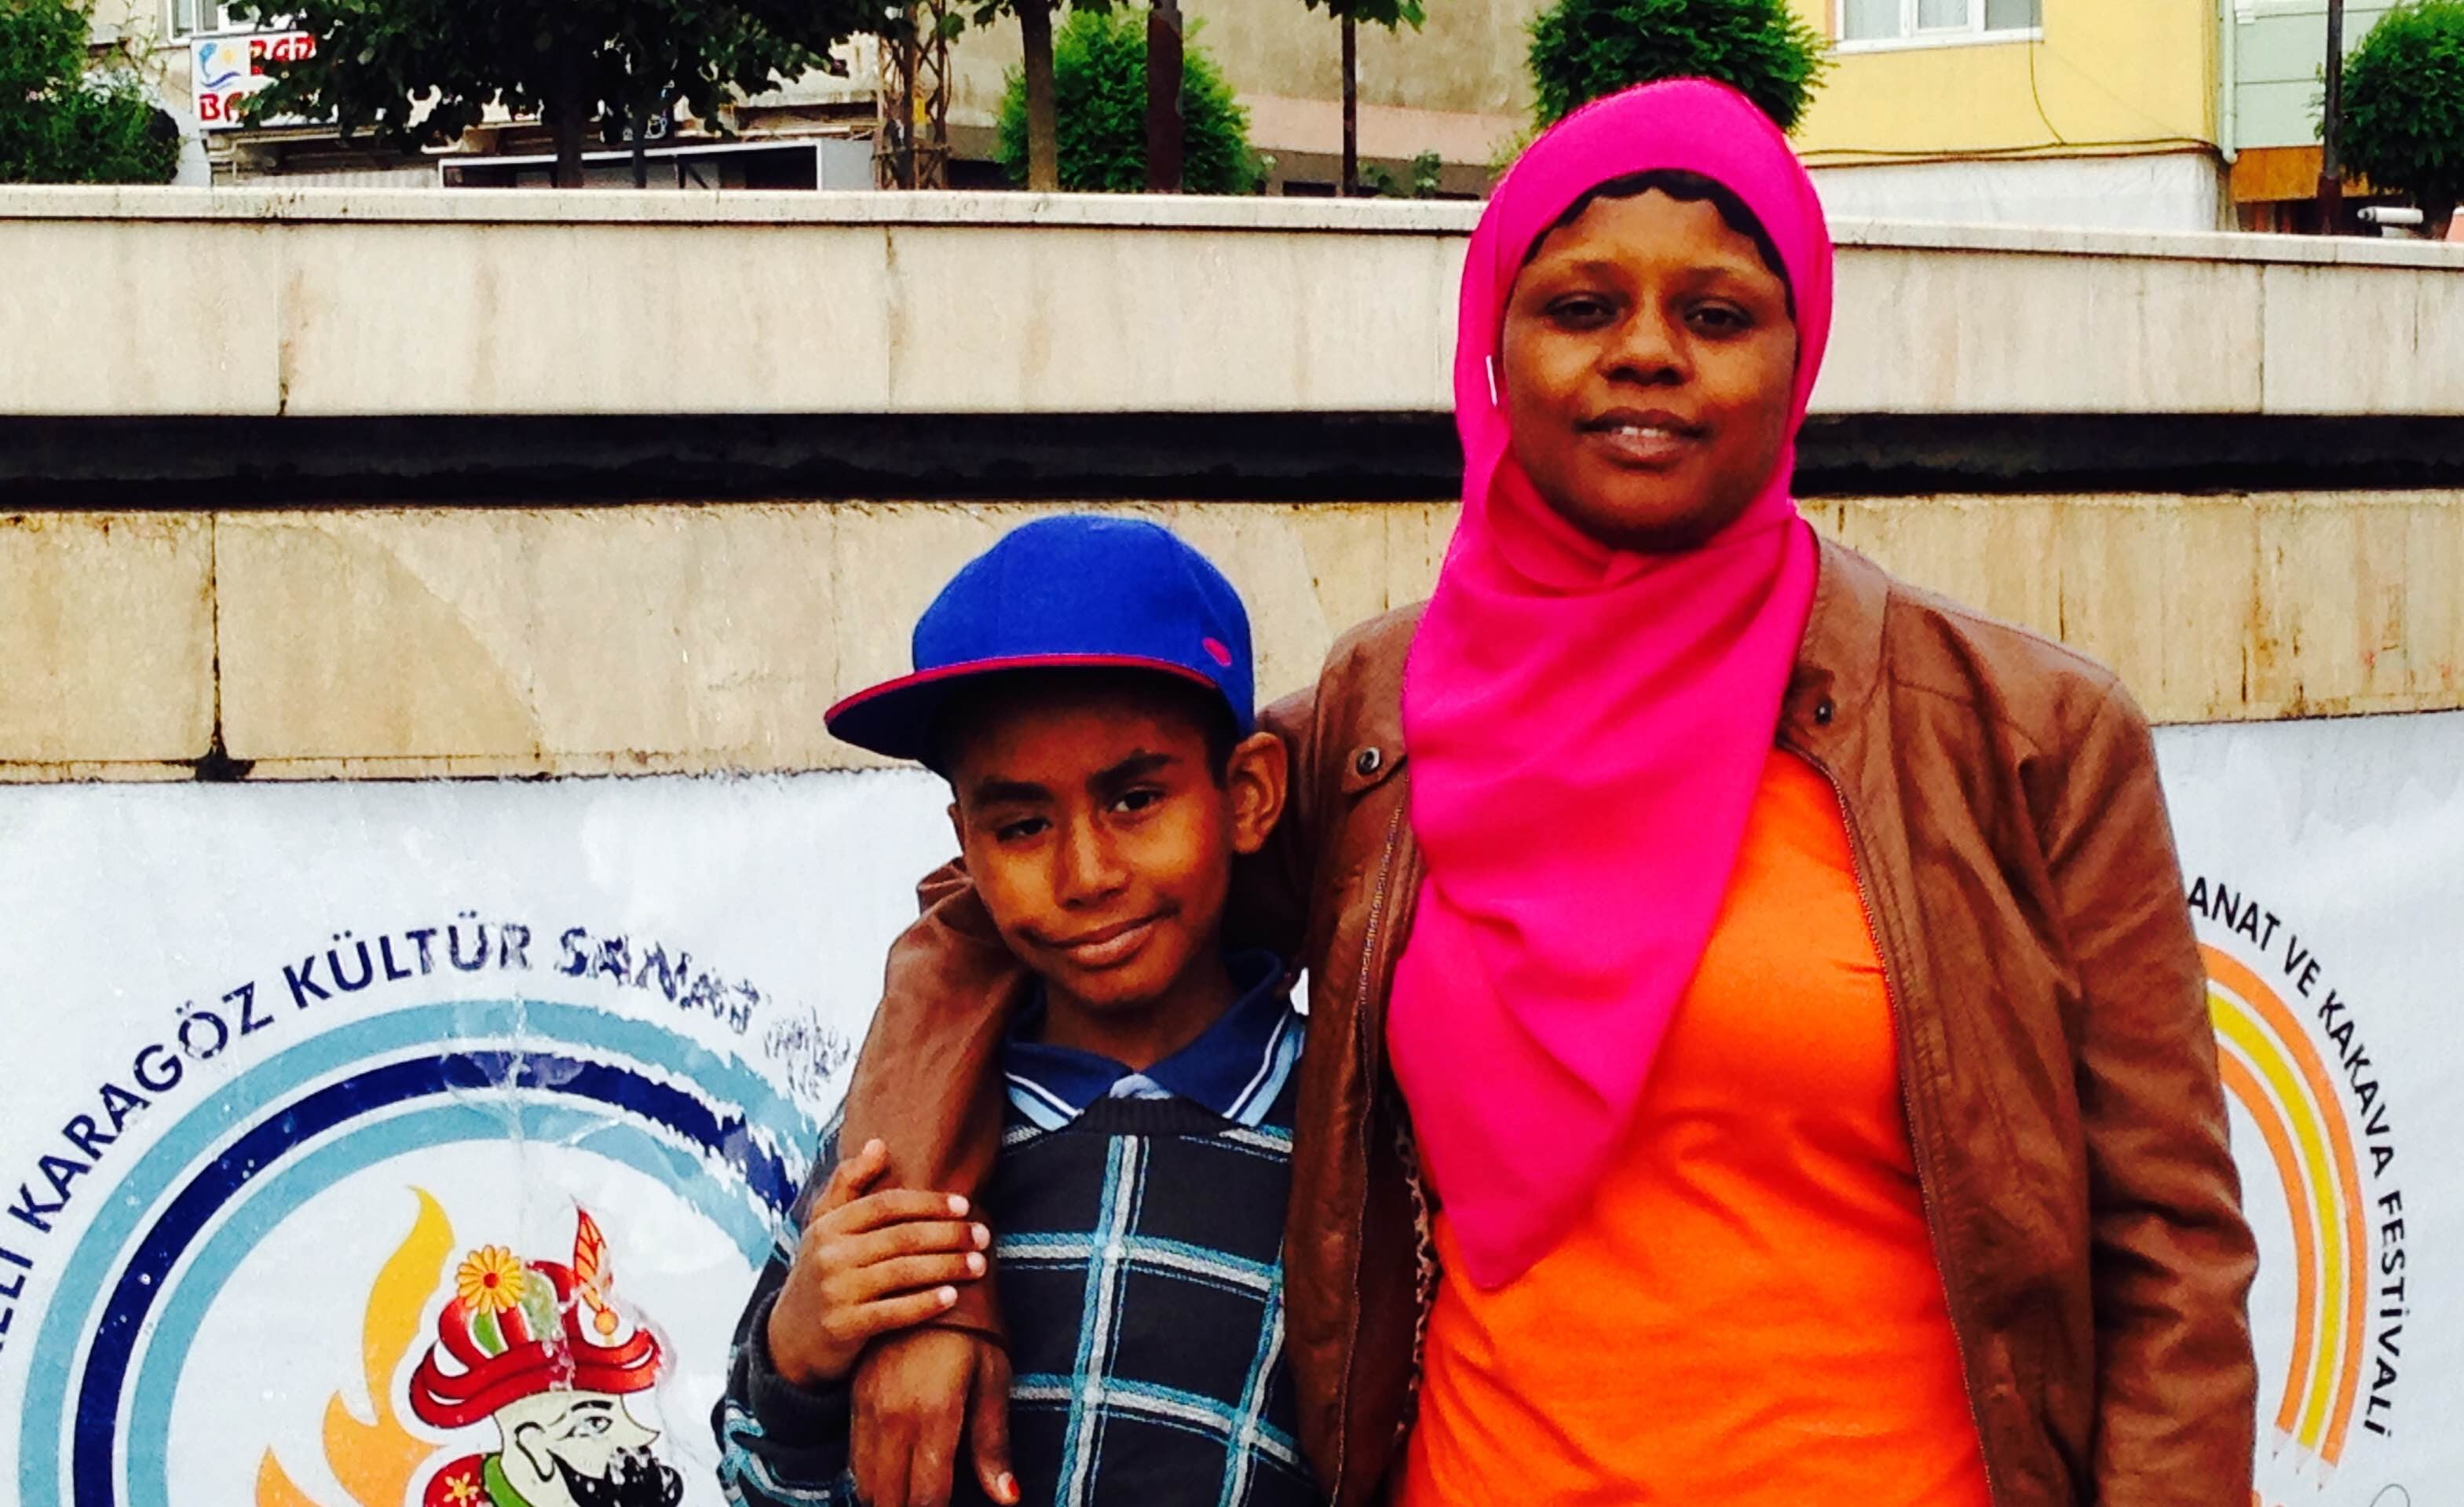 mangfoldig filmfestival om og for barn og unge som har nedsatt funksjonsevne Bergen Norge Faridah shakoor Mohammed Abloom filmfestival